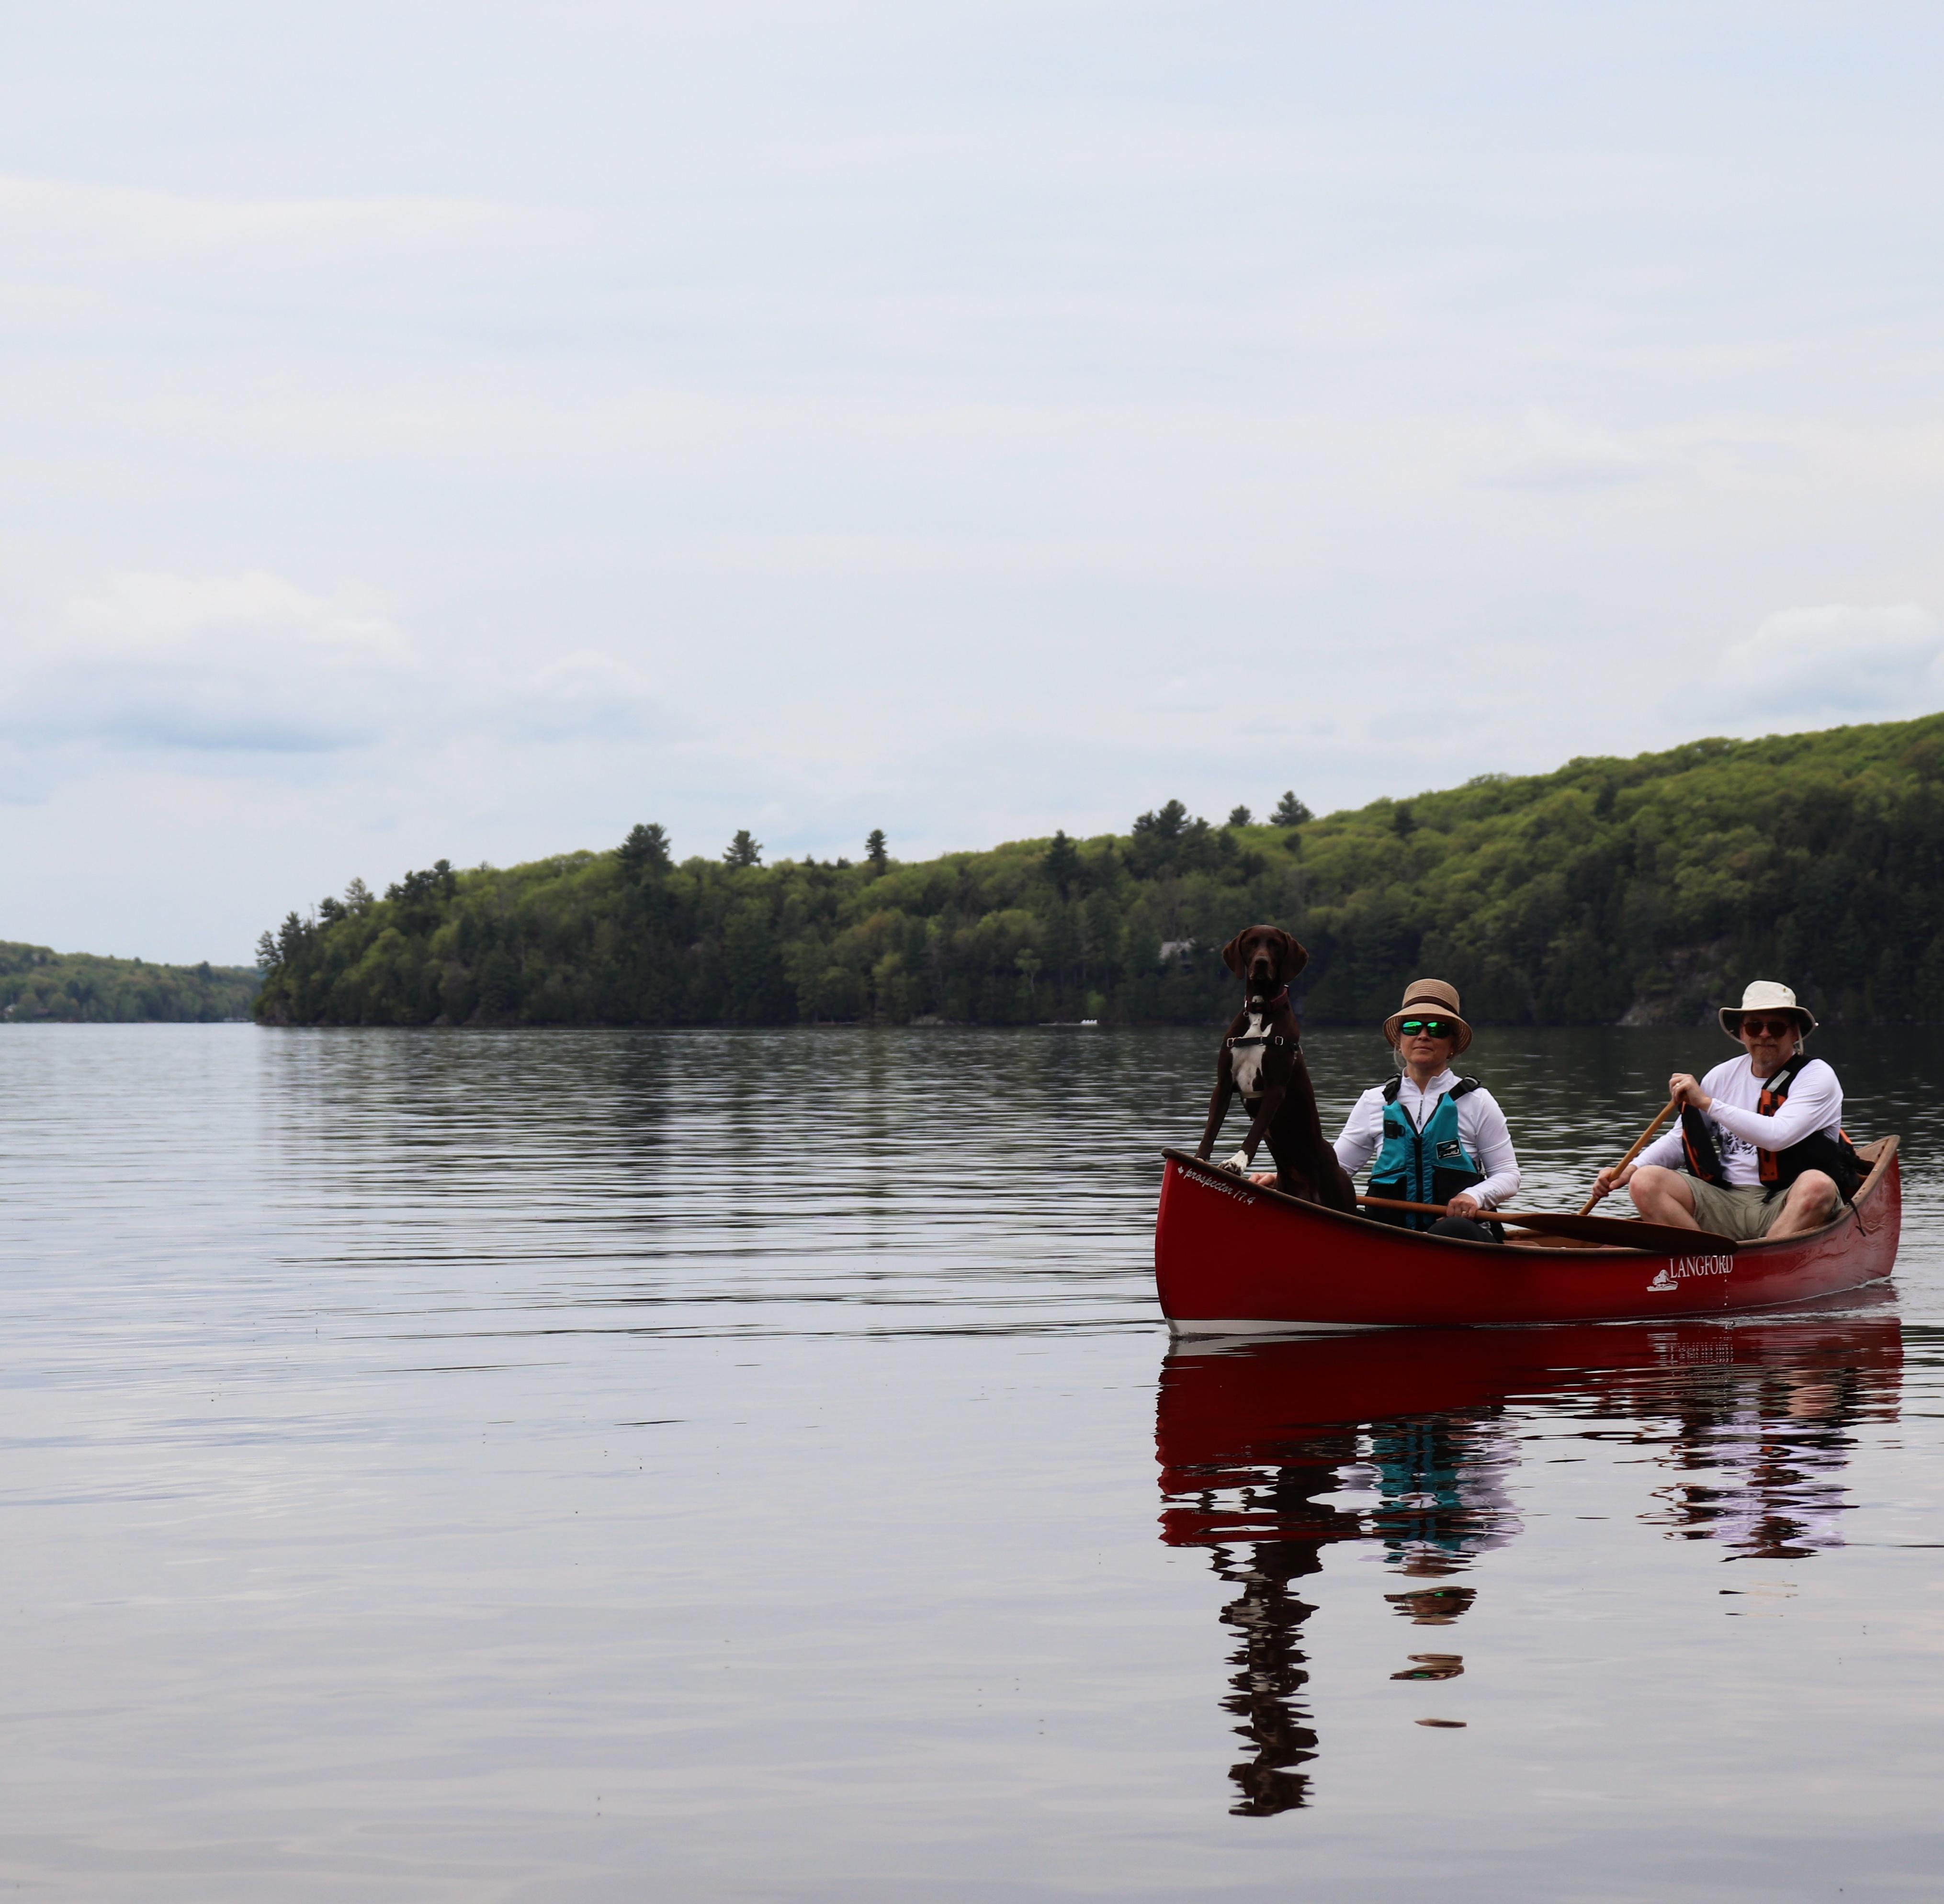 Langford Canoe canoeabc123 Red and White Prospector 17.4